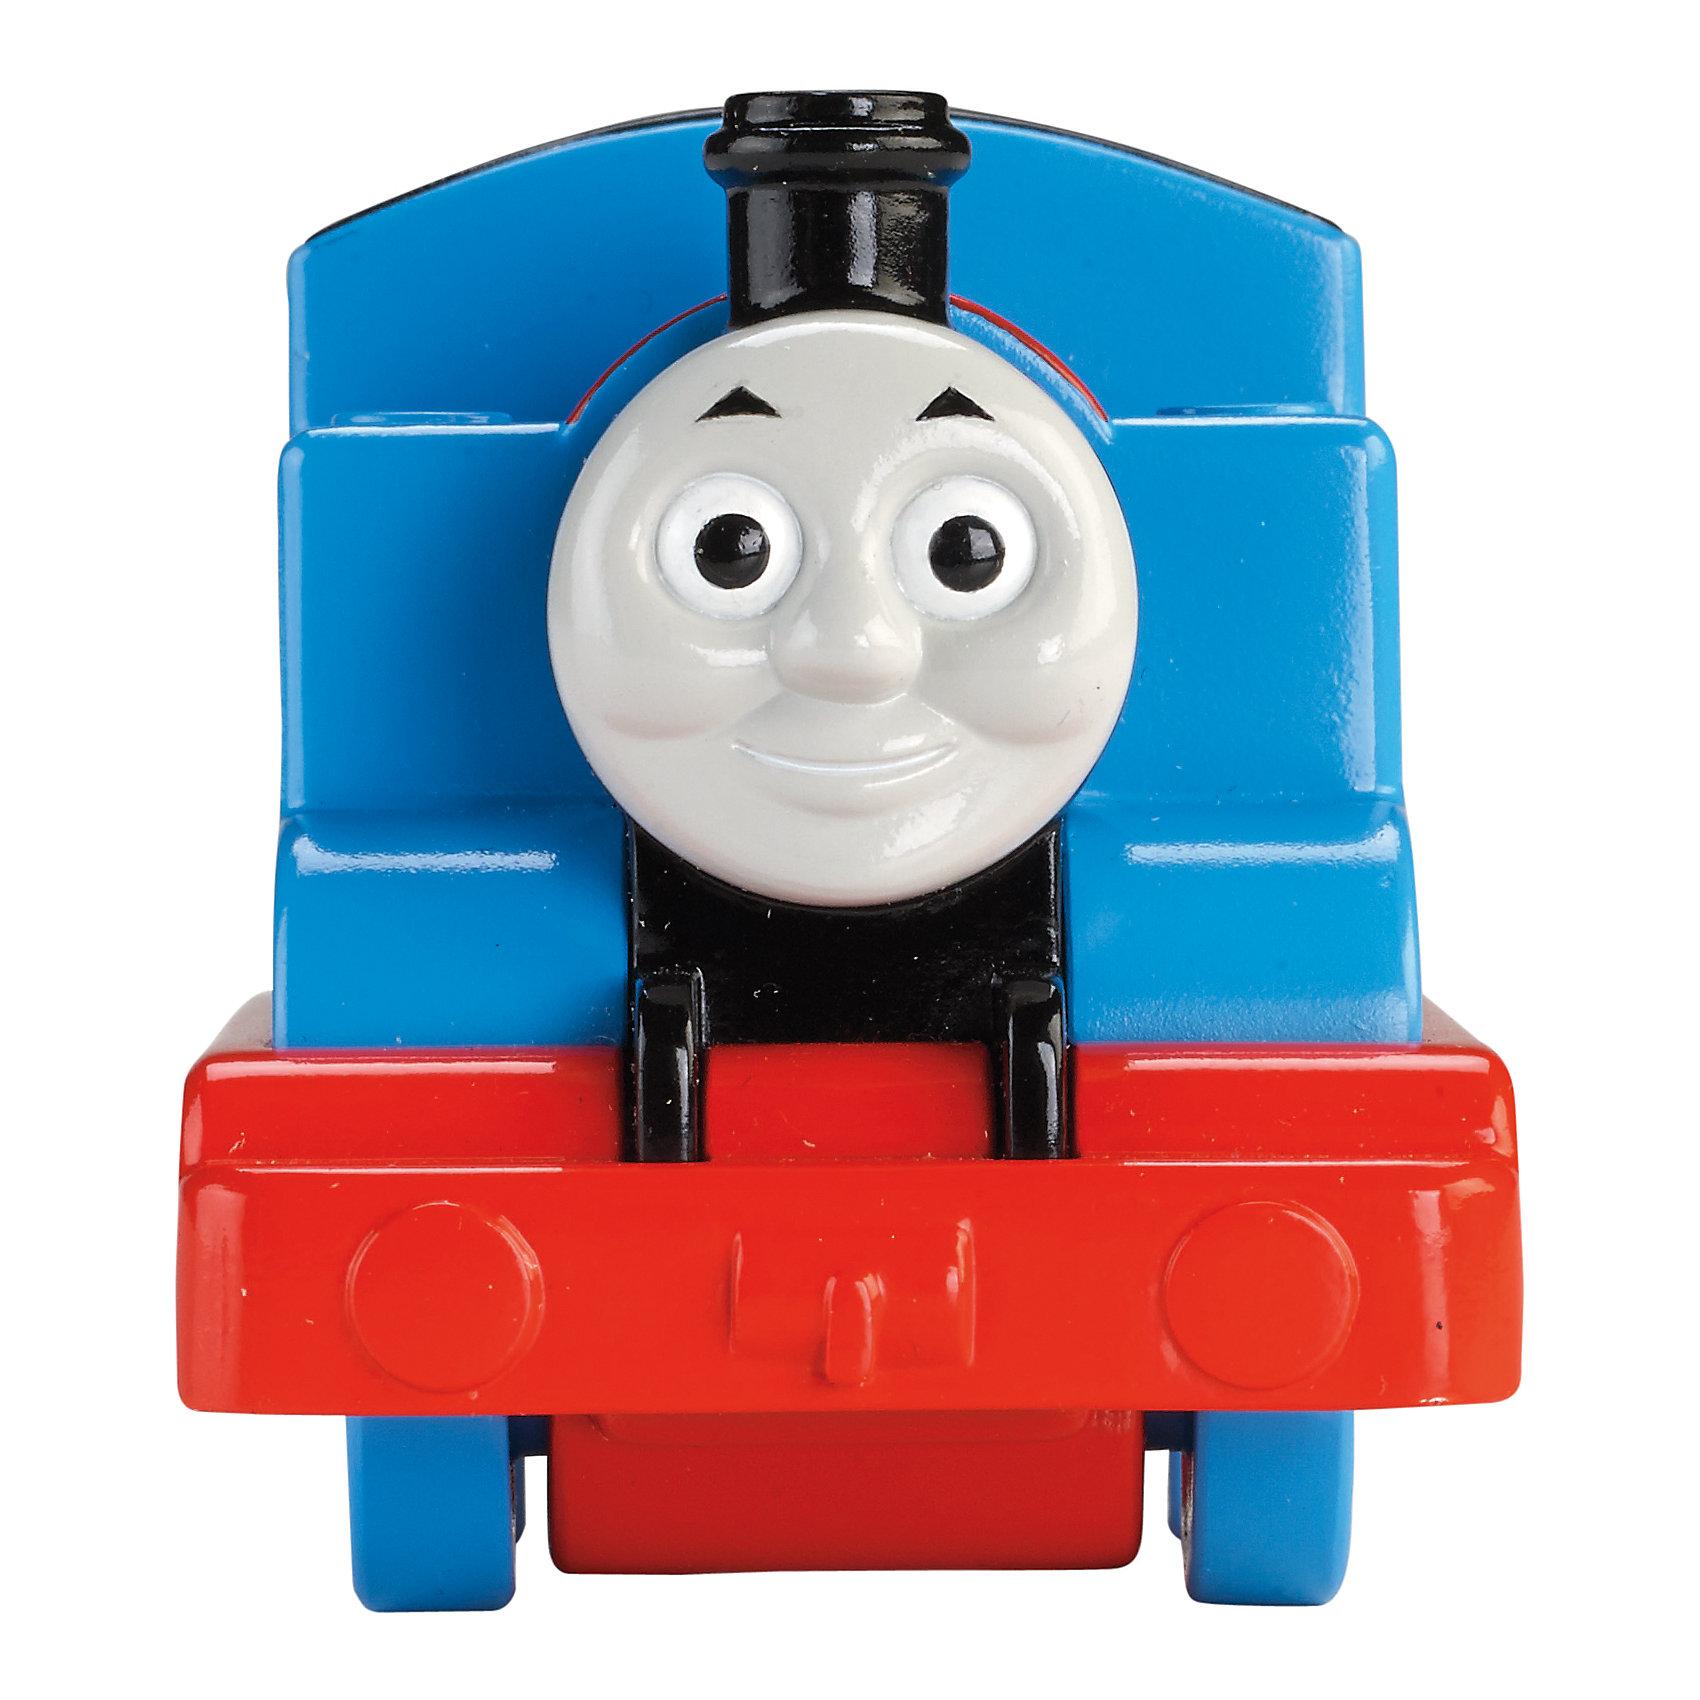 Веселые друзья-паровозики, Томас и его друзьяТомас и его друзья<br>Веселые друзья-паровозики, Томас и его друзья – это паровозик привлечет внимание вашего малыша и не позволит ему скучать.<br>Маленький, свободно перемещающийся паровозик Томас выполнен из пластика в виде главного персонажа популярного мультсериала Томас и его друзья. Голубой паровозик Томас самый оптимистичный и жизнерадостный паровоз Содора. Паровозик можно катать по самым разным поверхностям, т.к. у него гладкие колеса. Маленькие паровозики удобны и идеально подходят даже для самых маленьких! Игрушки можно толкать перед собой, что очень понравиться любому малышу! В продаже имеются пять персонажей серии «Томас и его друзья»: Перси, Гарольд, Дизель, Гордон и Джеймс.<br><br>Дополнительная информация:<br><br>- Размер паровозика: 6,3 x 5,7 x 9,3 см.<br>- Материал: пластик<br><br>Паровозик Томас серии Веселые друзья-паровозики, Томас и его друзья можно купить в нашем интернет-магазине.<br><br>Ширина мм: 310<br>Глубина мм: 305<br>Высота мм: 100<br>Вес г: 106<br>Возраст от месяцев: 18<br>Возраст до месяцев: 36<br>Пол: Мужской<br>Возраст: Детский<br>SKU: 4713582